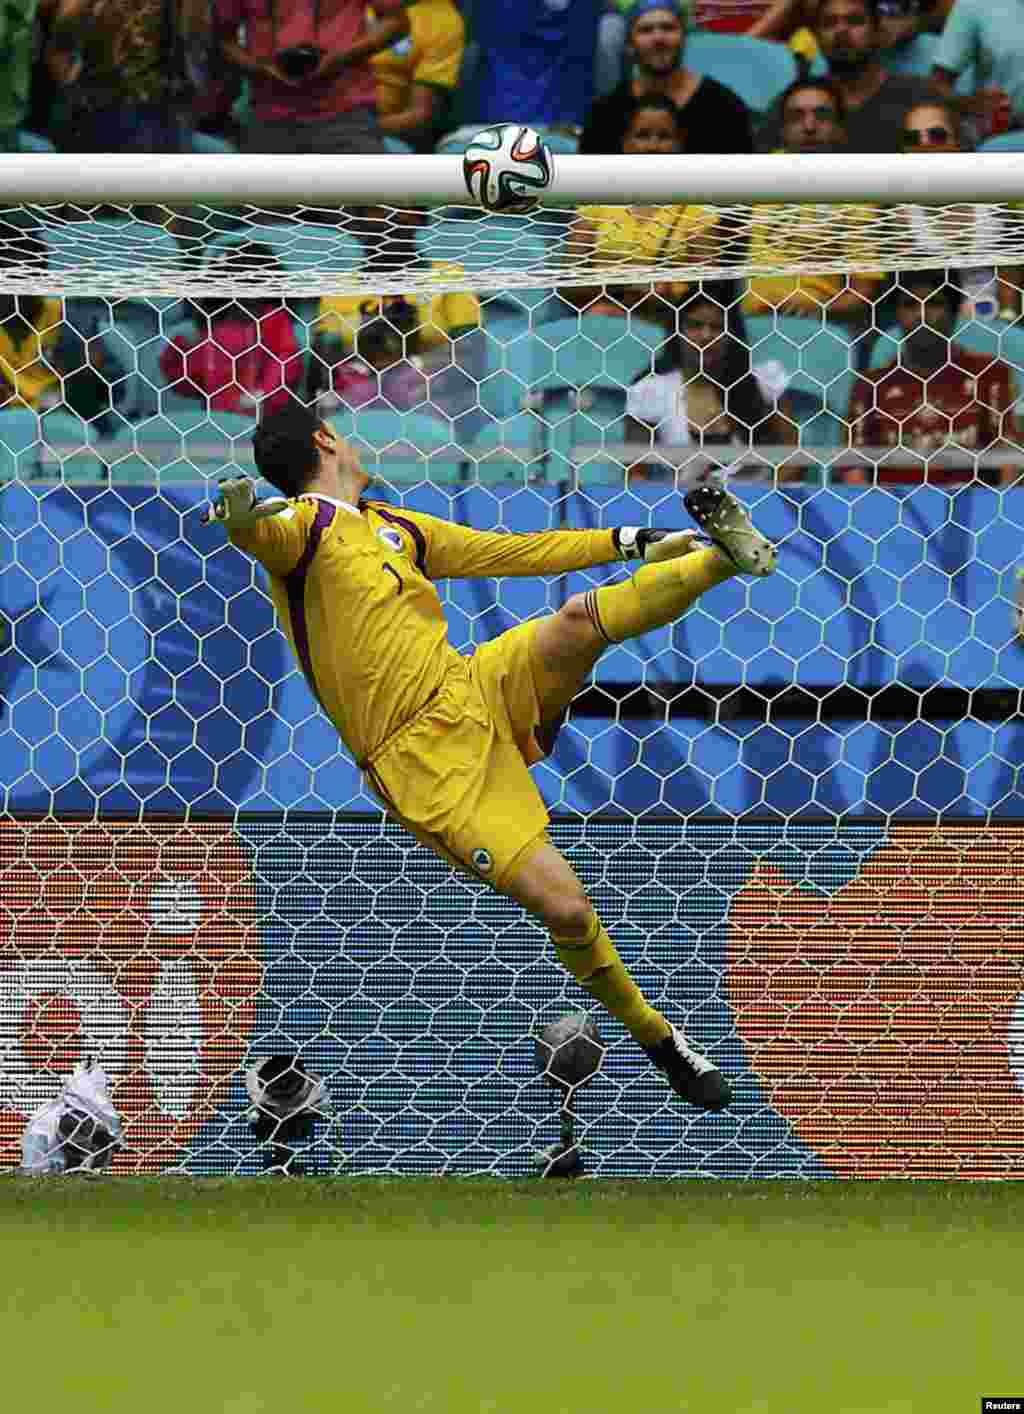 Bosniya və Herseqovina-İran – 3:1. Bosniyalı qolkiper Asmir Begovic topu nəzərləri ilə müşayiət edir.